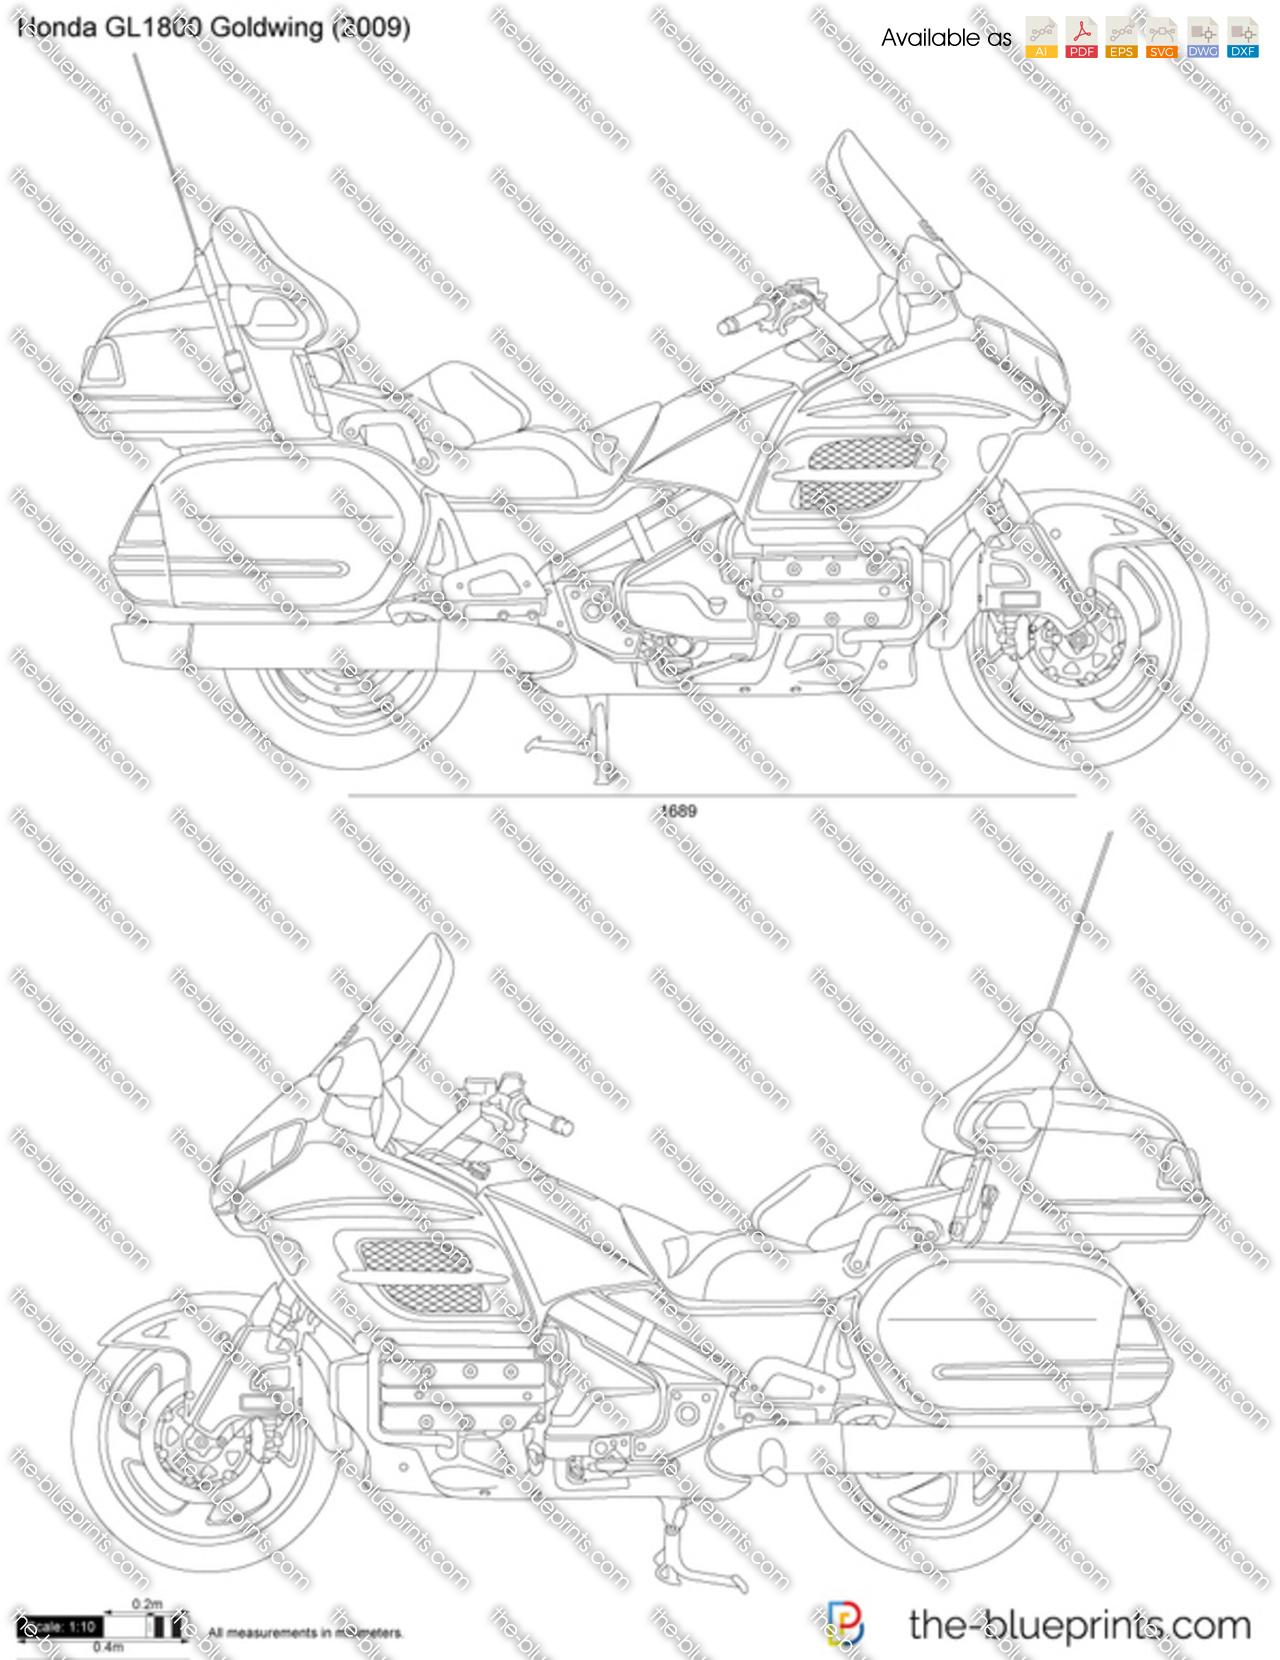 Honda GL1800 Goldwing vector drawing